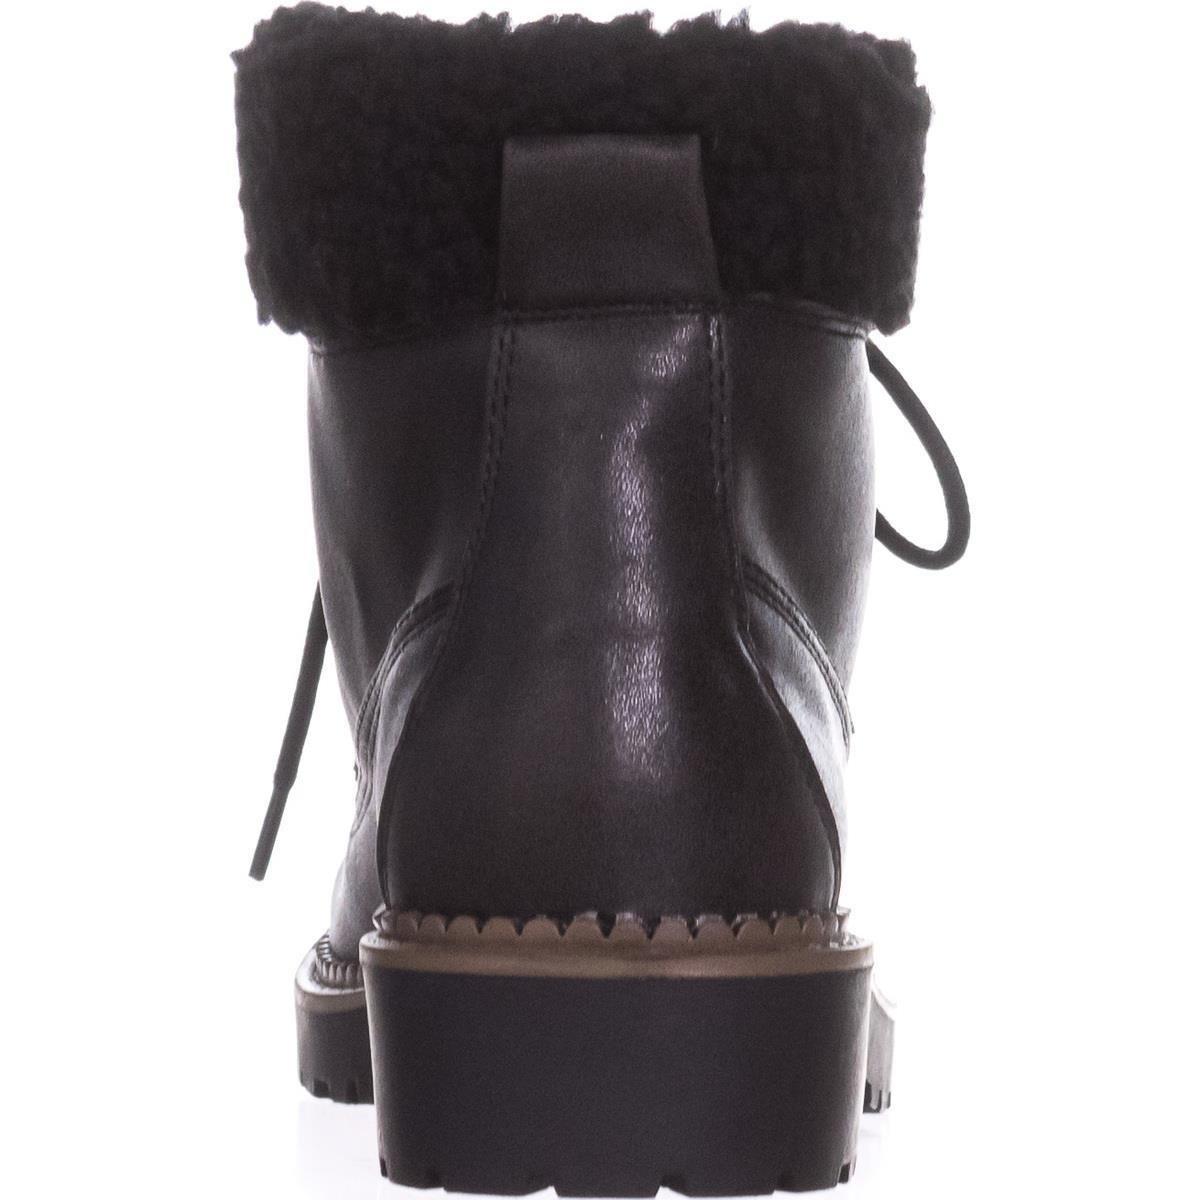 ESPRIT Frauen Candis Fashion Runder Zeh Fashion Candis Stiefel 44ee5d